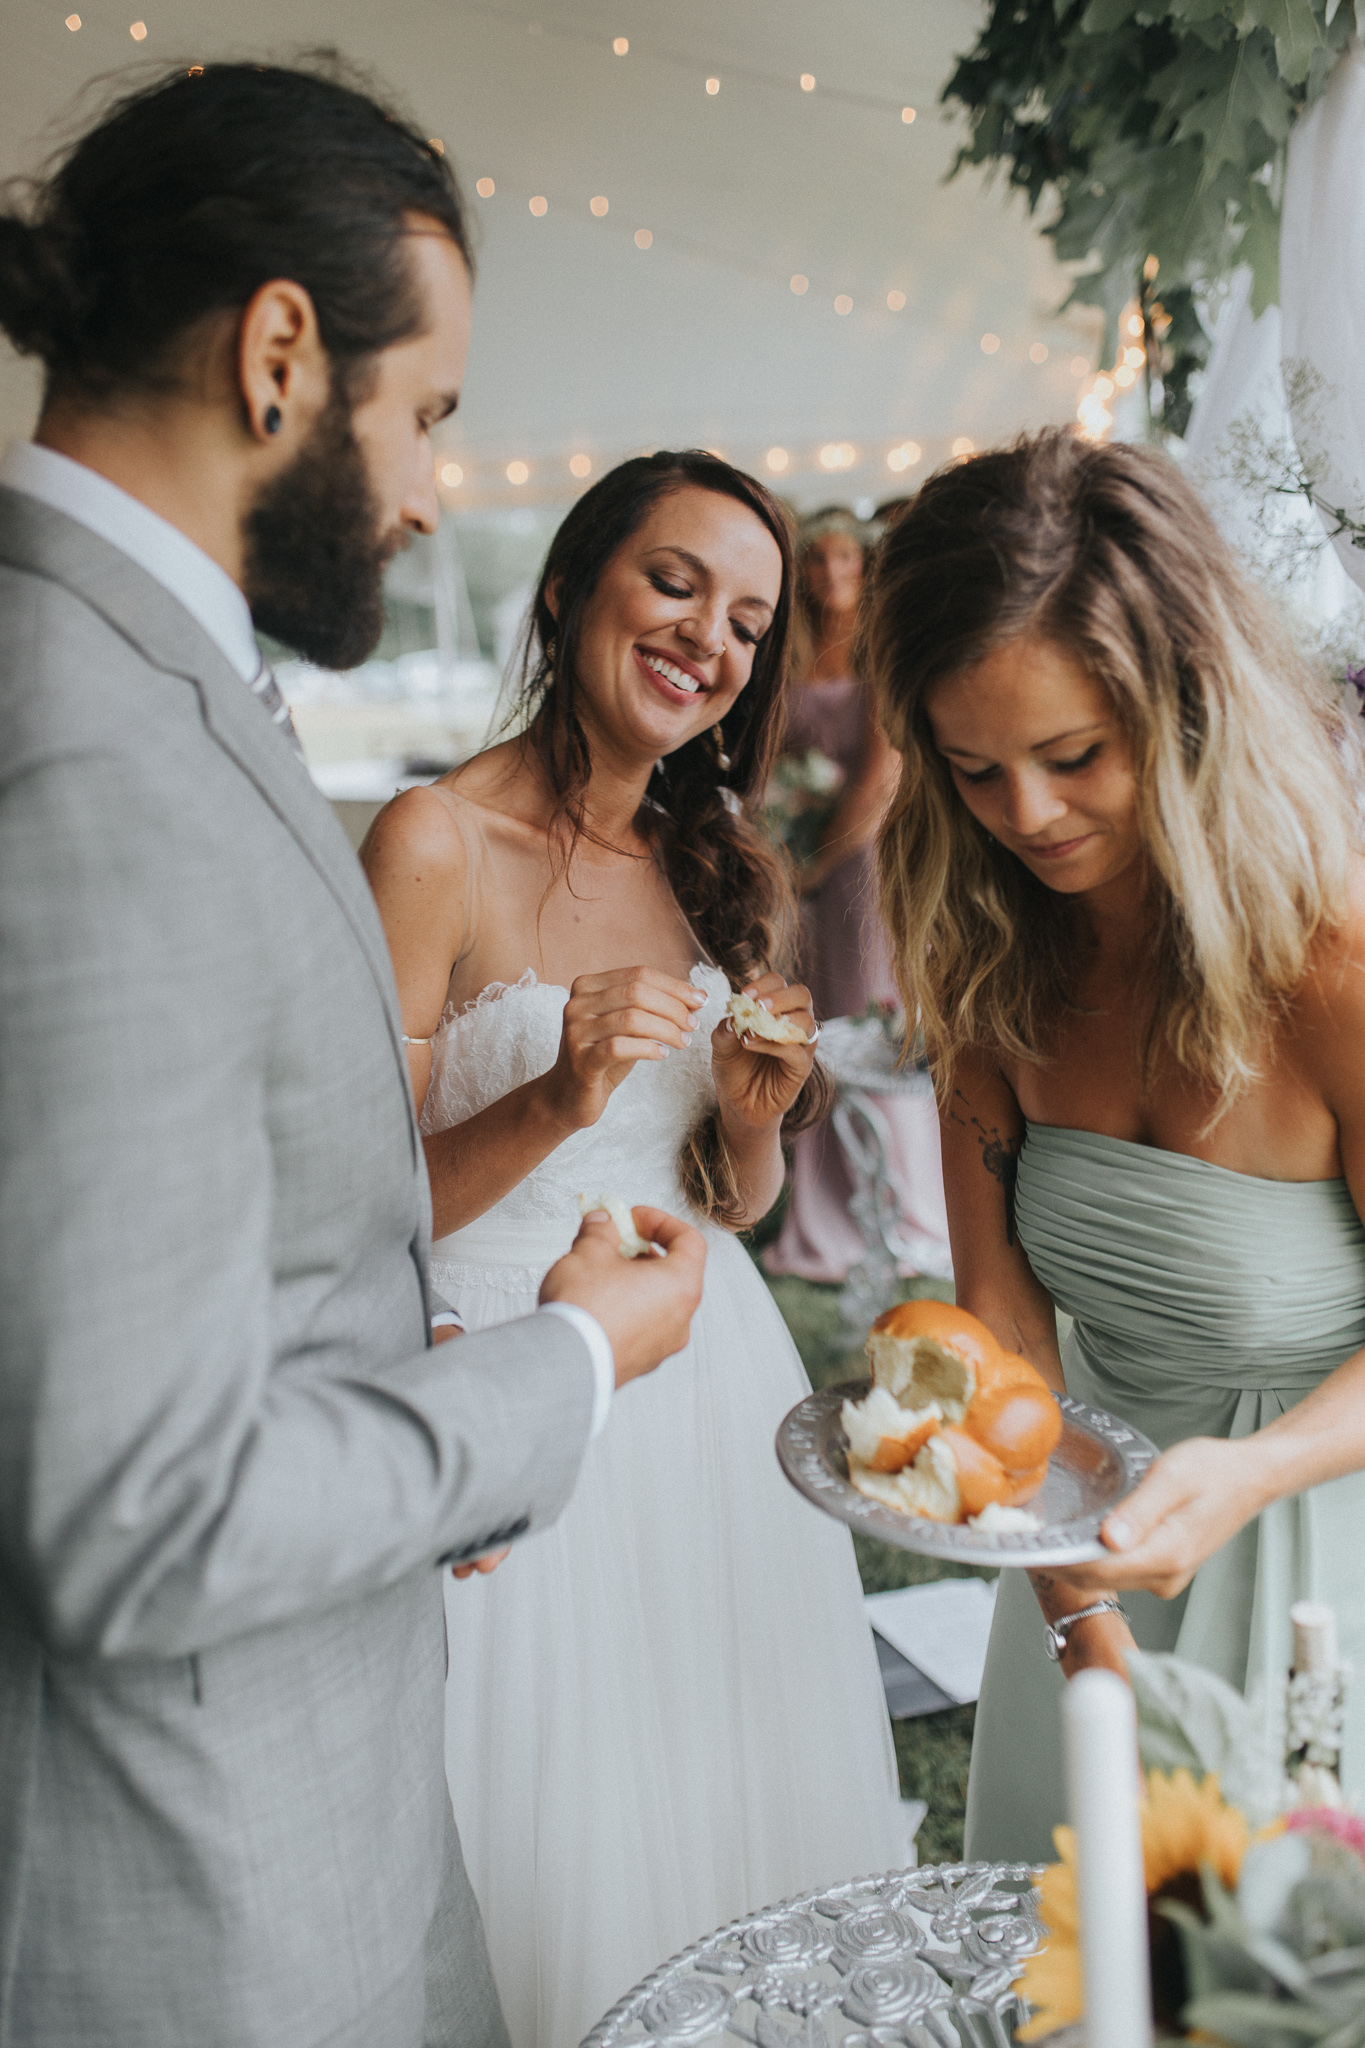 weddings-44.jpg